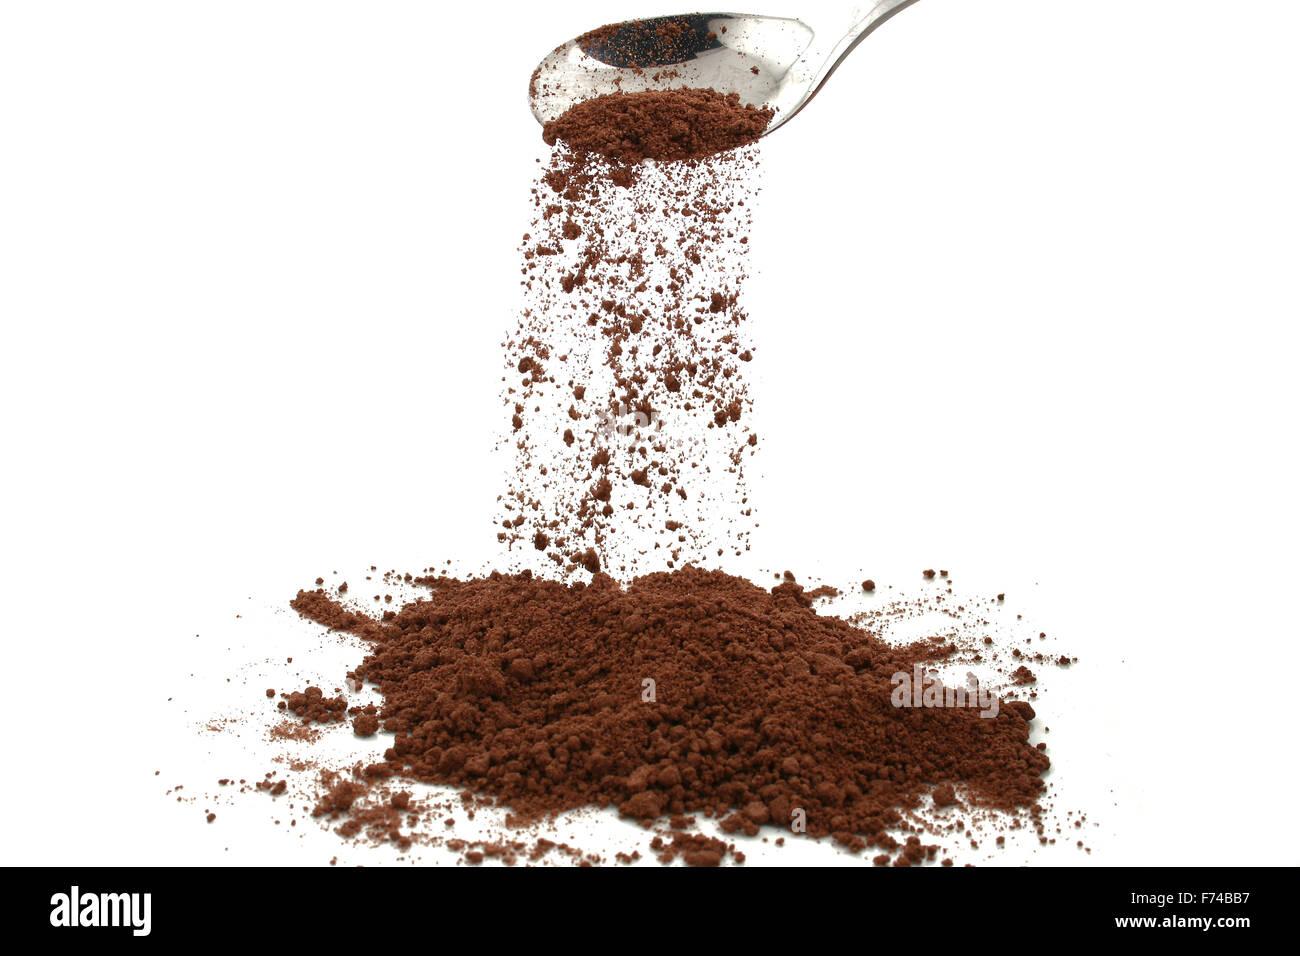 Cocoa powder - Stock Image